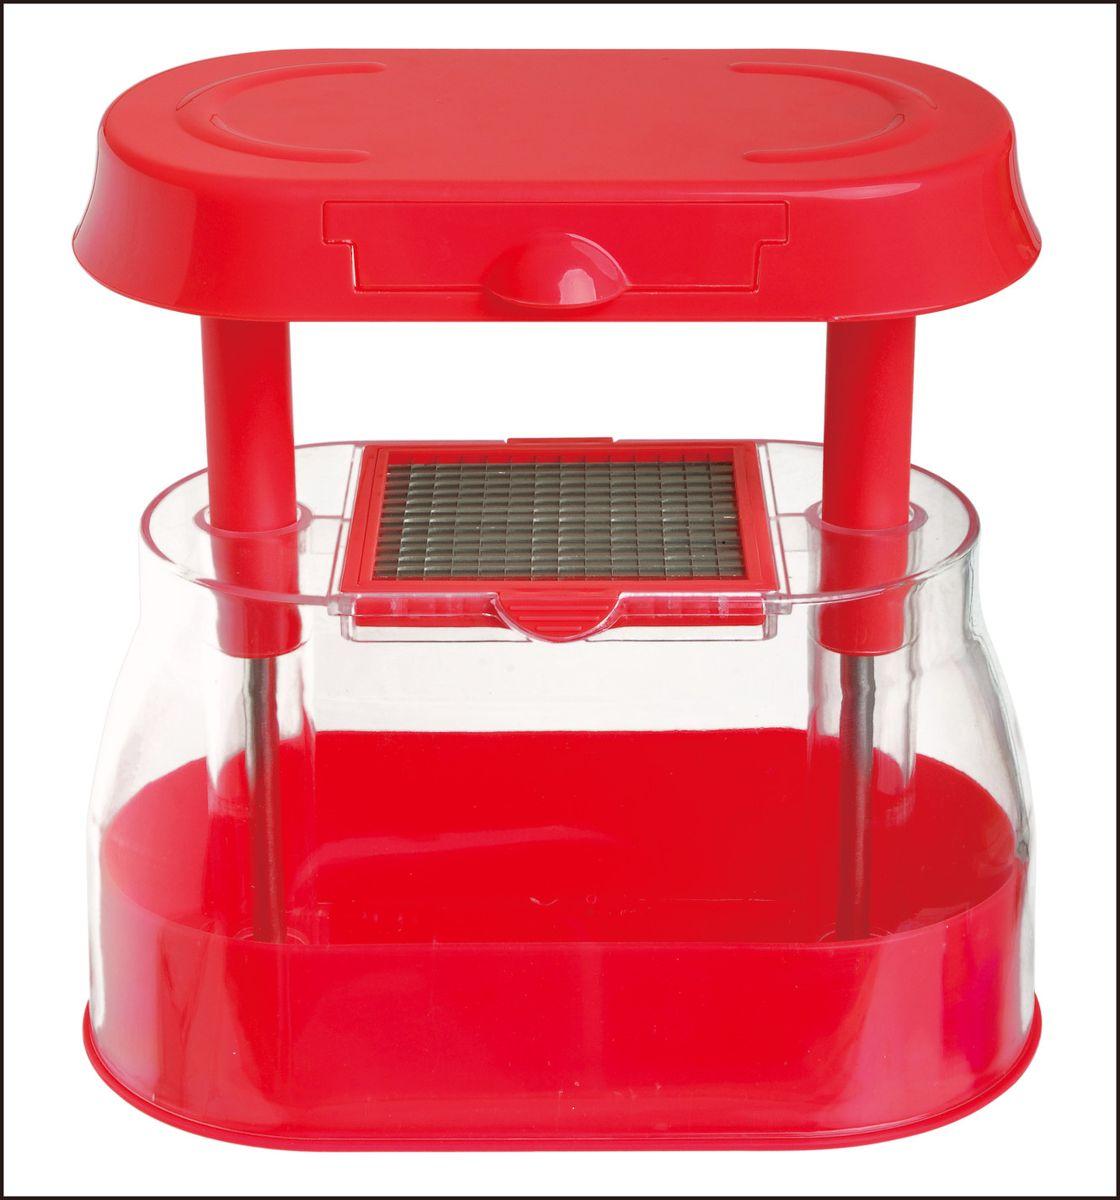 Овощерезка As Seen On TV Multi Chopper, цвет: красный кошелек зарядка as seen on tv